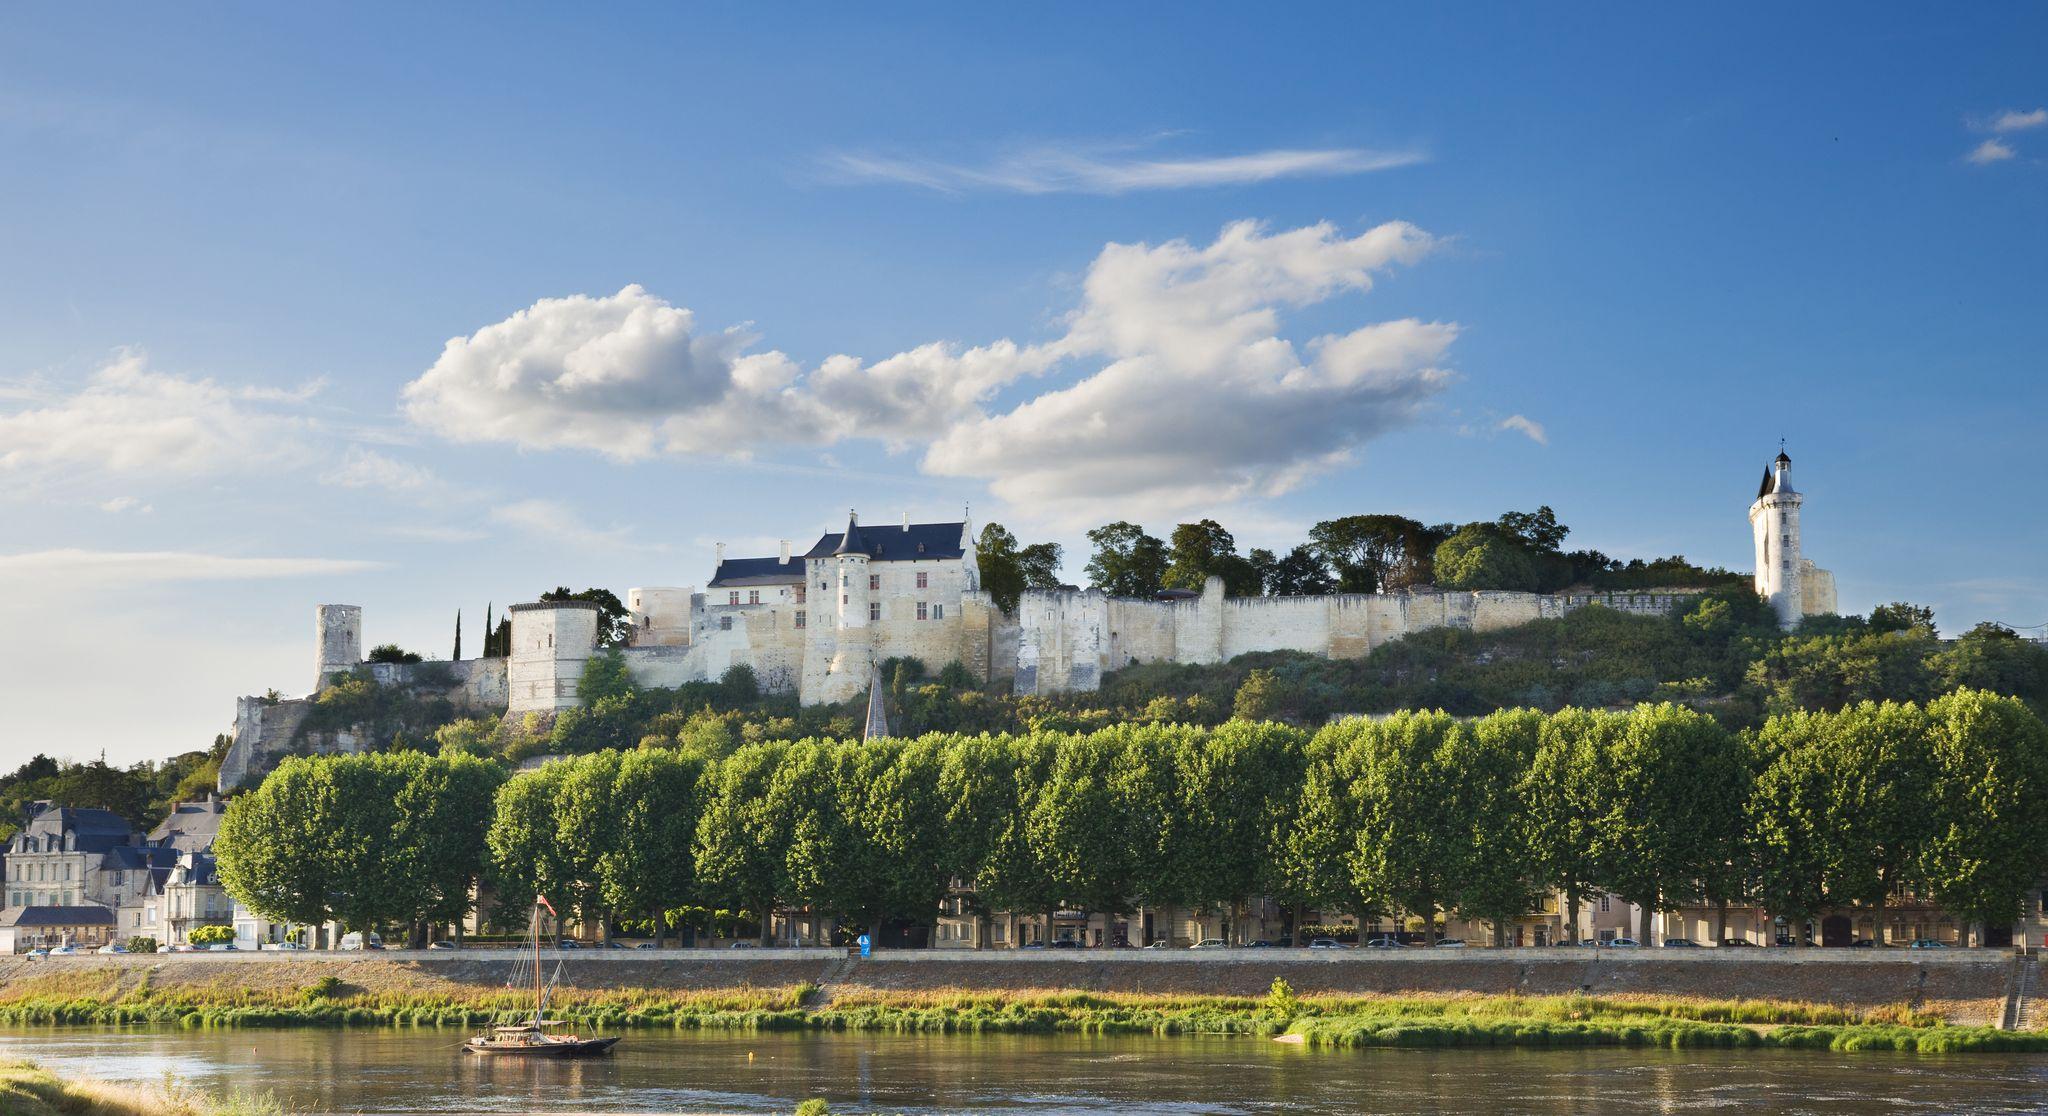 Κάστρο του Σινόν, Σινόν, Αντρ-ε-Λουάρ, Γαλλία